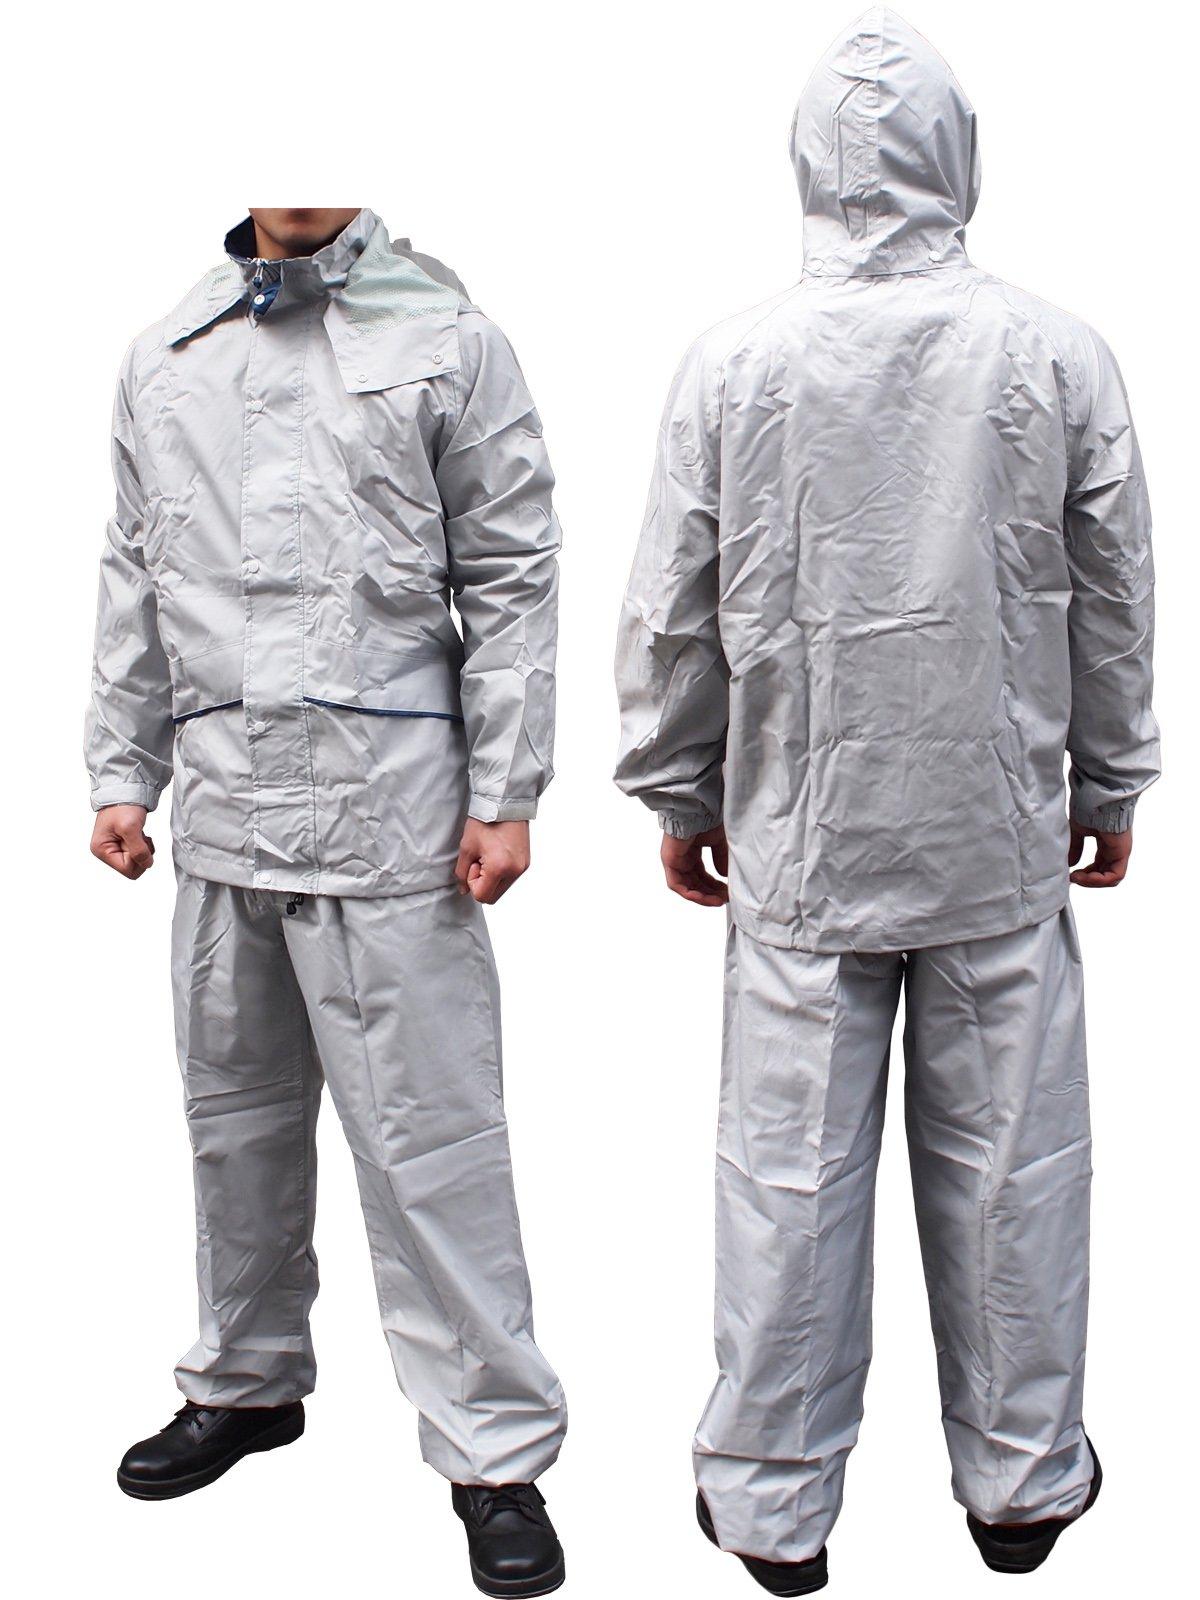 軽量・透湿レインスーツ FINE FIELD(ファインフィールド)No.400(雨衣)【画像6】